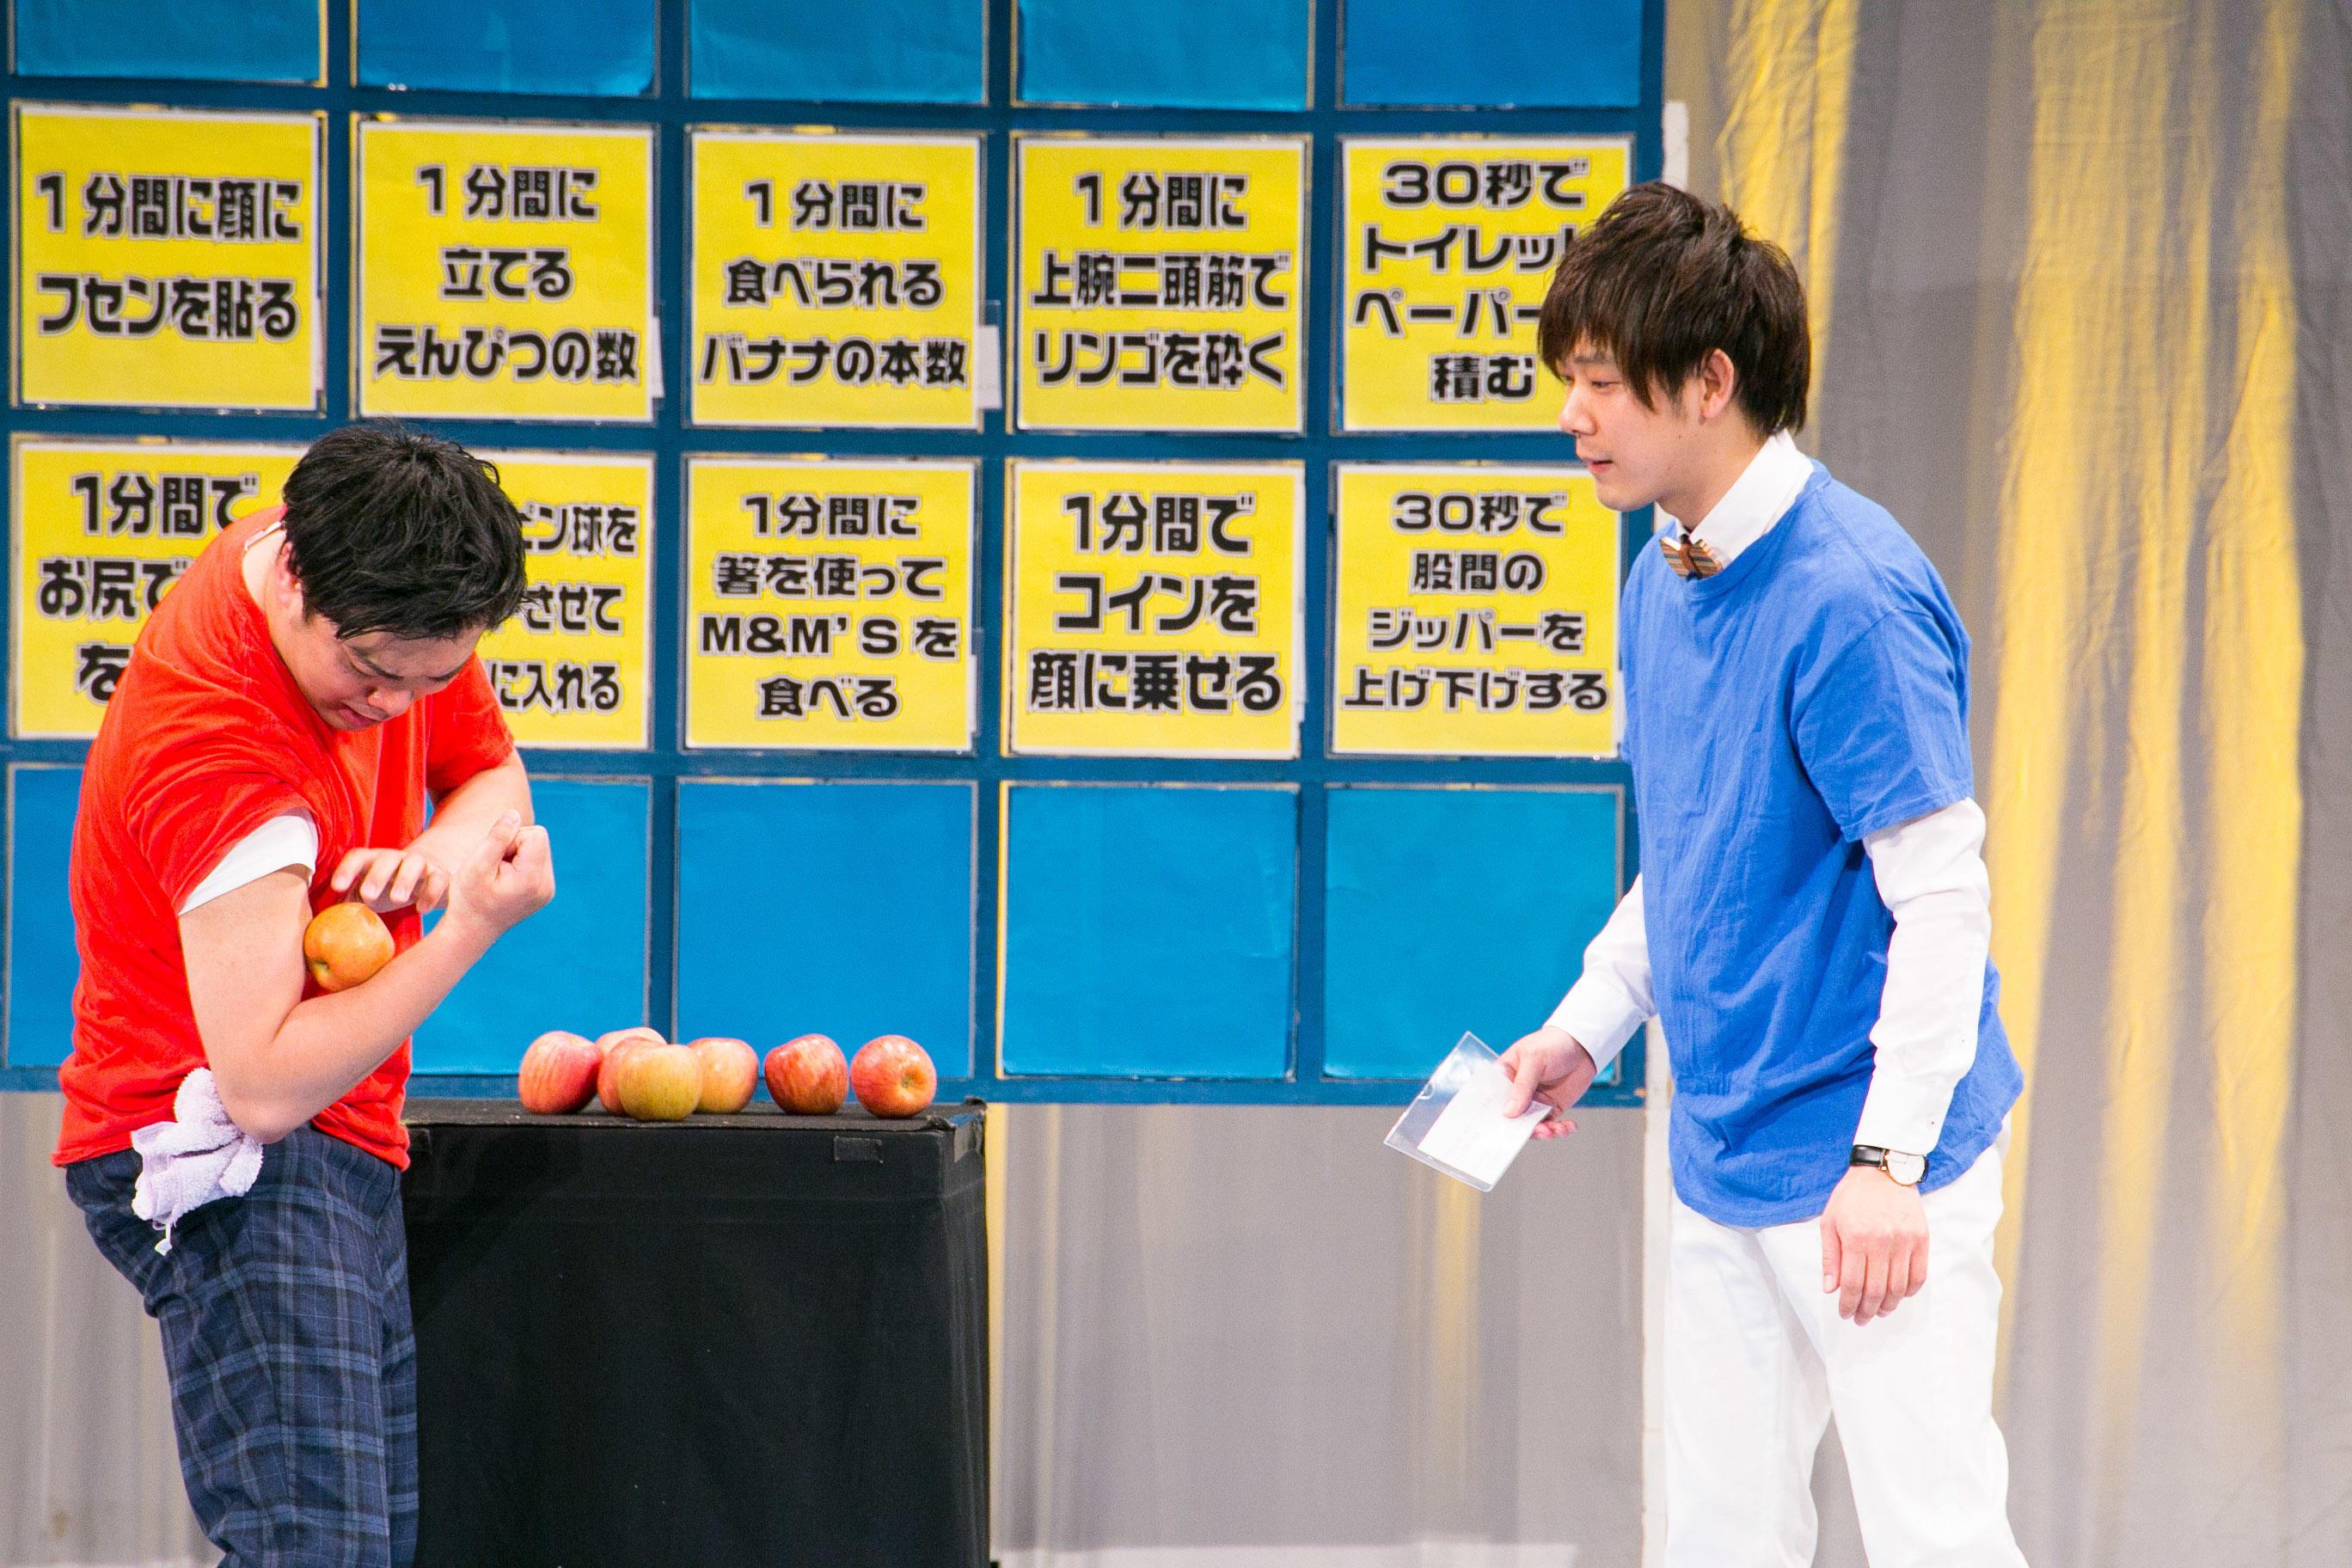 http://news.yoshimoto.co.jp/20180430214122-08cc0c666ca71ac1585e127c920b42f82912df6f.jpg